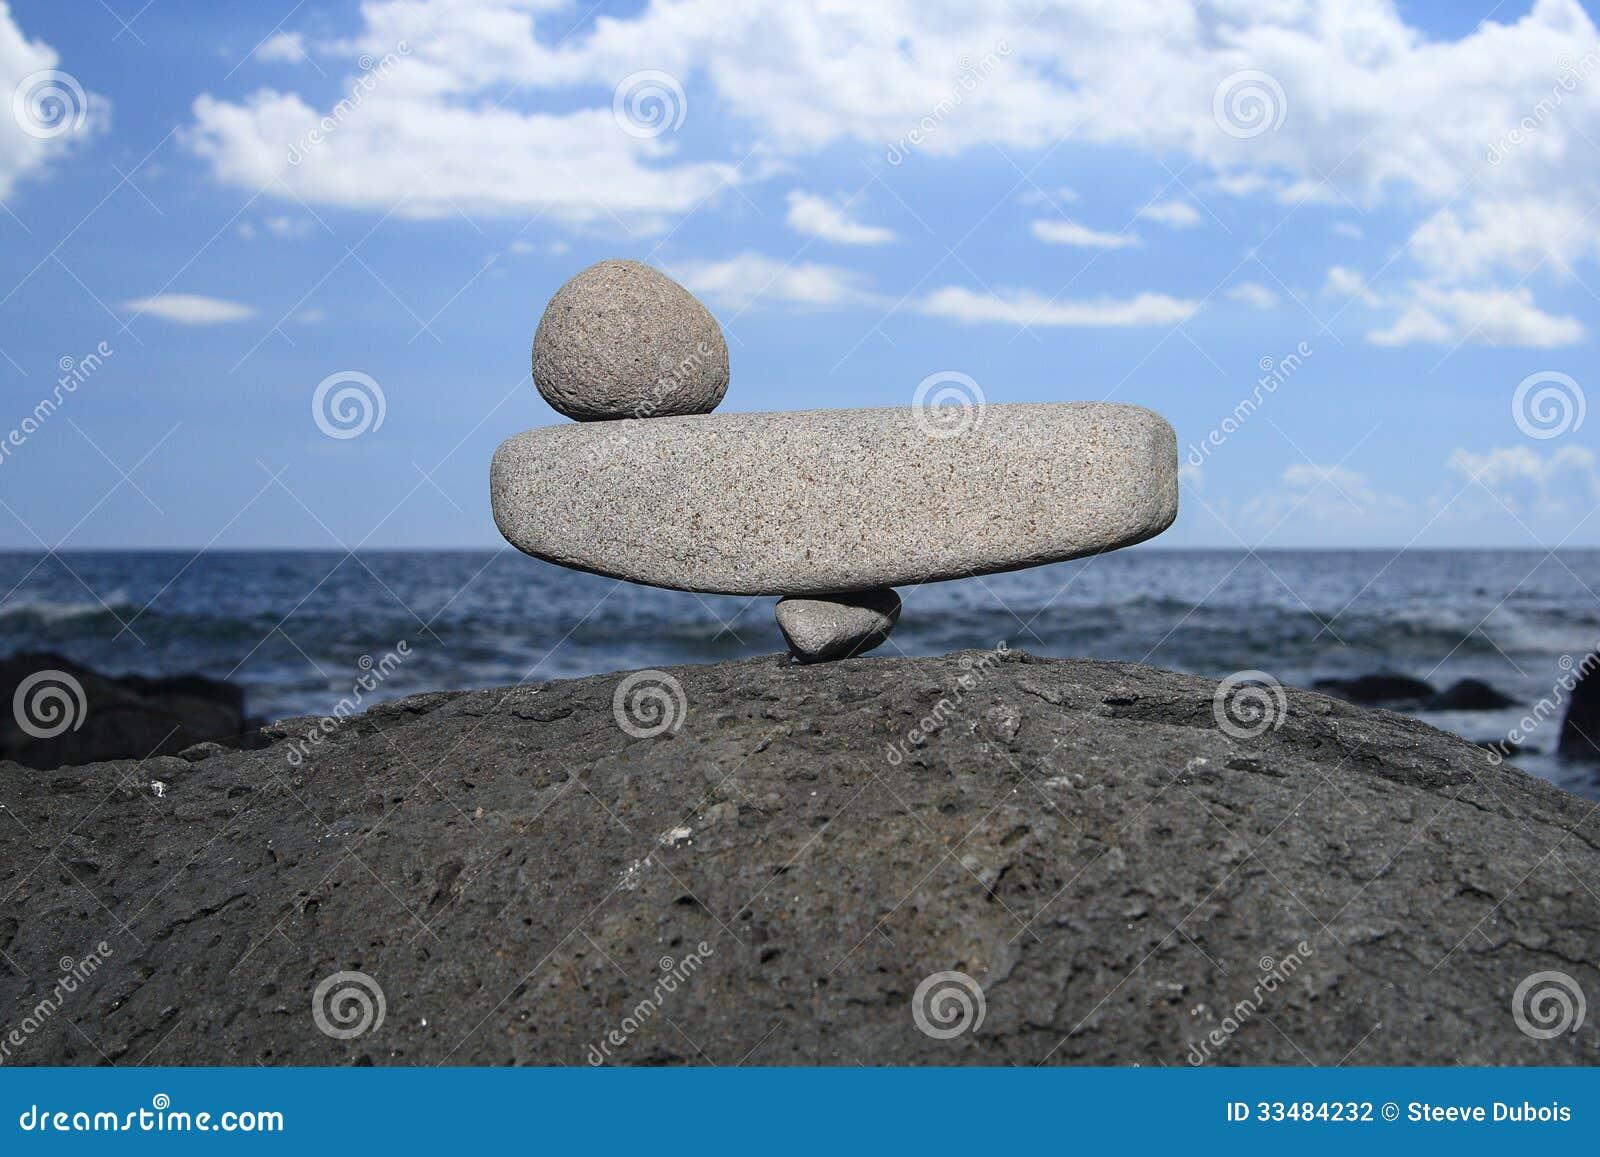 Charmant Image Montrant Trois Pierres Dans Lu0027équilibre Parfait, Illustrant Le  Concept De Lu0027équilibre